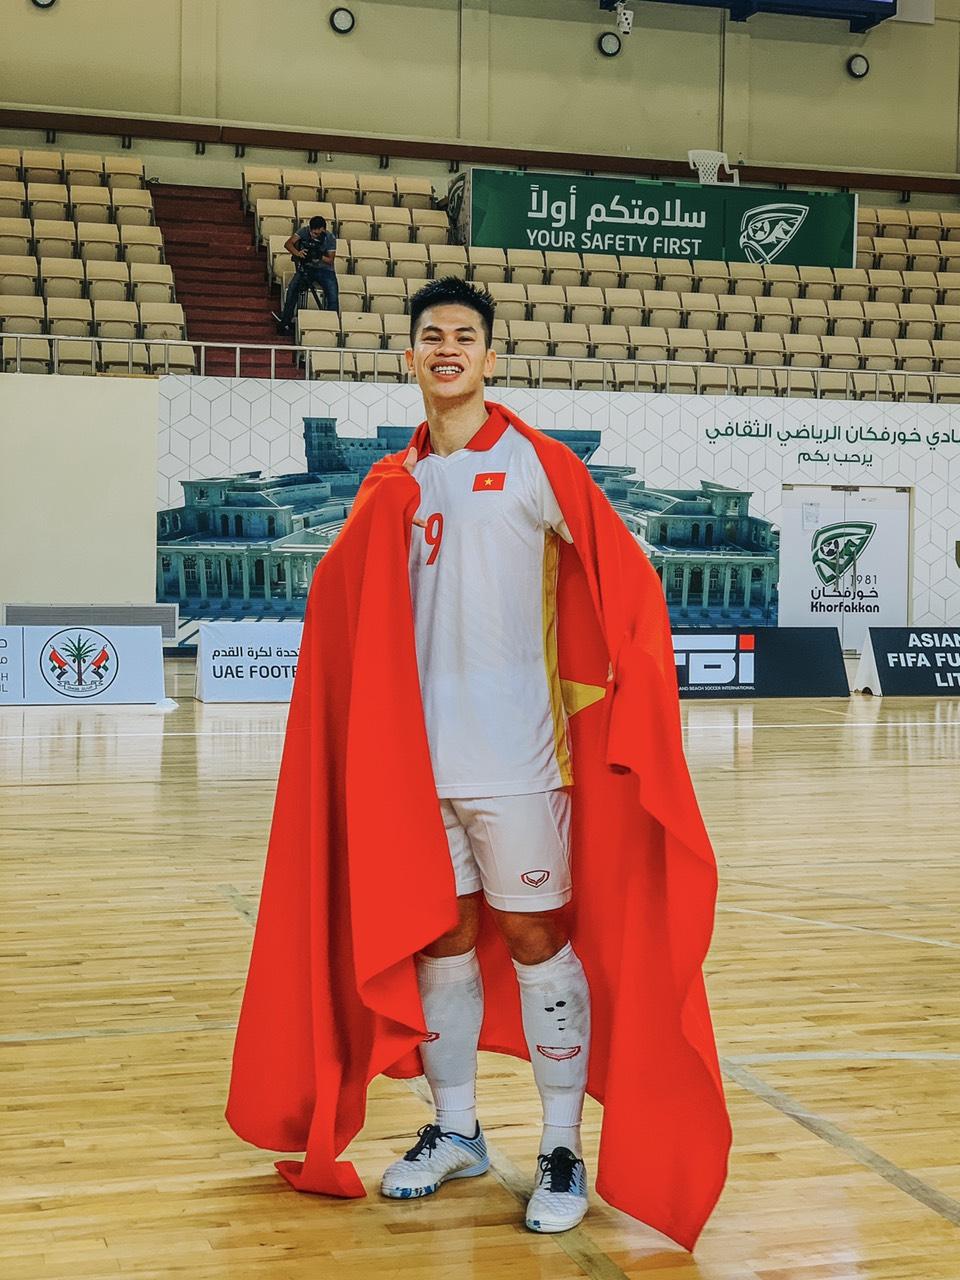 Hành trình của chàng trai phố núi đến với đấu trường World Cup Futsal 2021 - Ảnh 1.